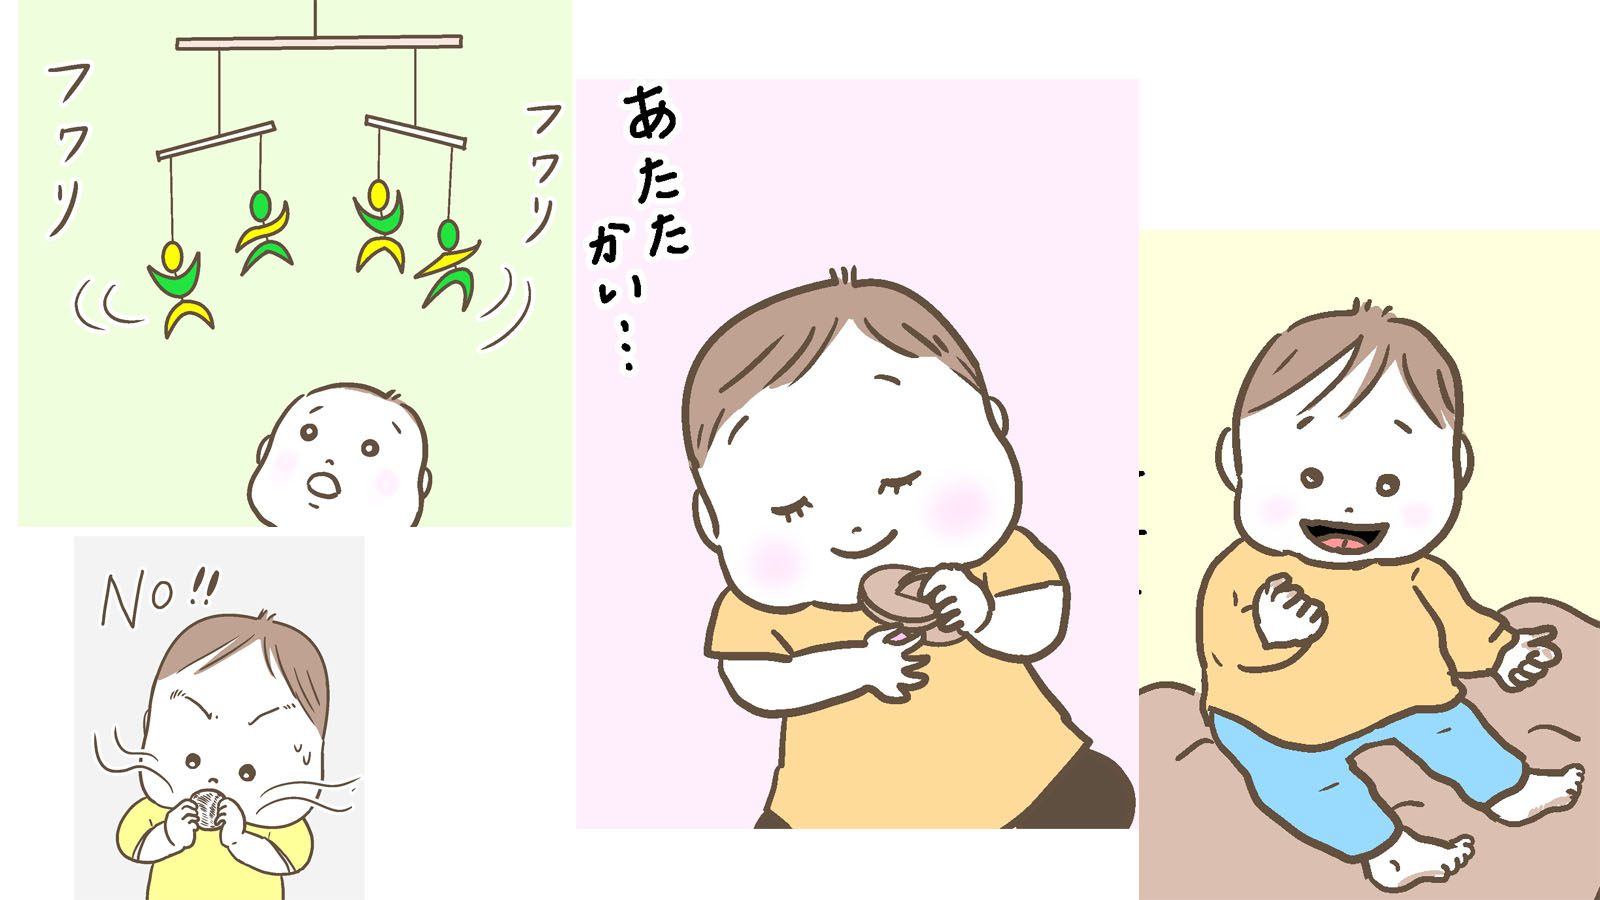 0歳のおもちゃ選び③~五感を使いたい!視覚・触覚・嗅覚